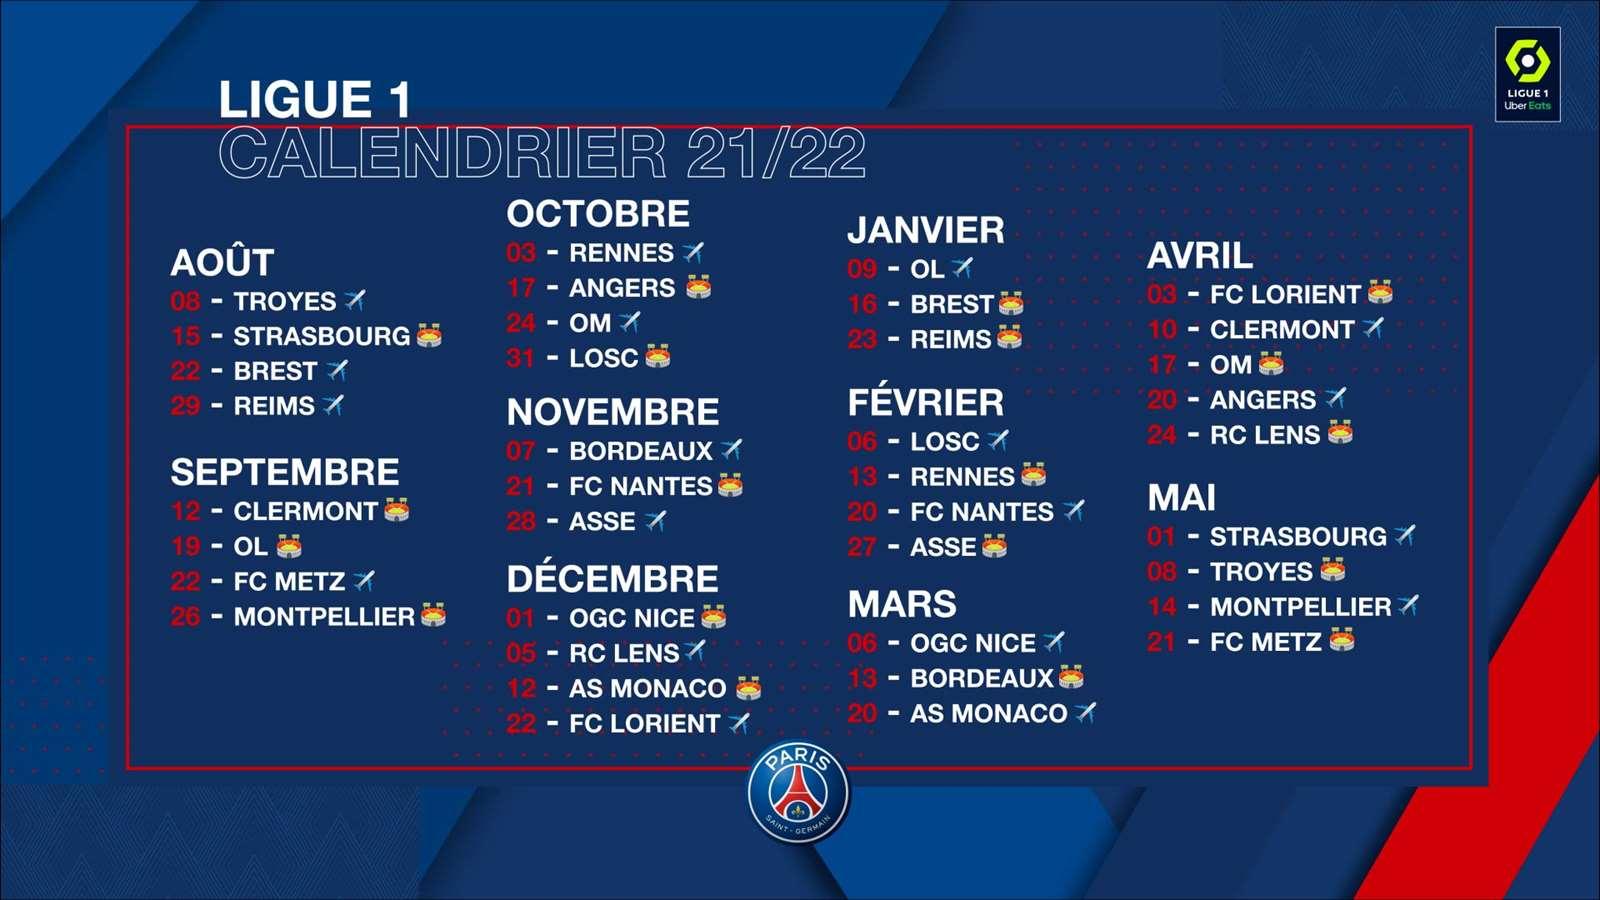 Calendrier Psg 2022 Tout sur le calendrier de la Ligue 1 2021 2022 ! | Paris Saint Germain